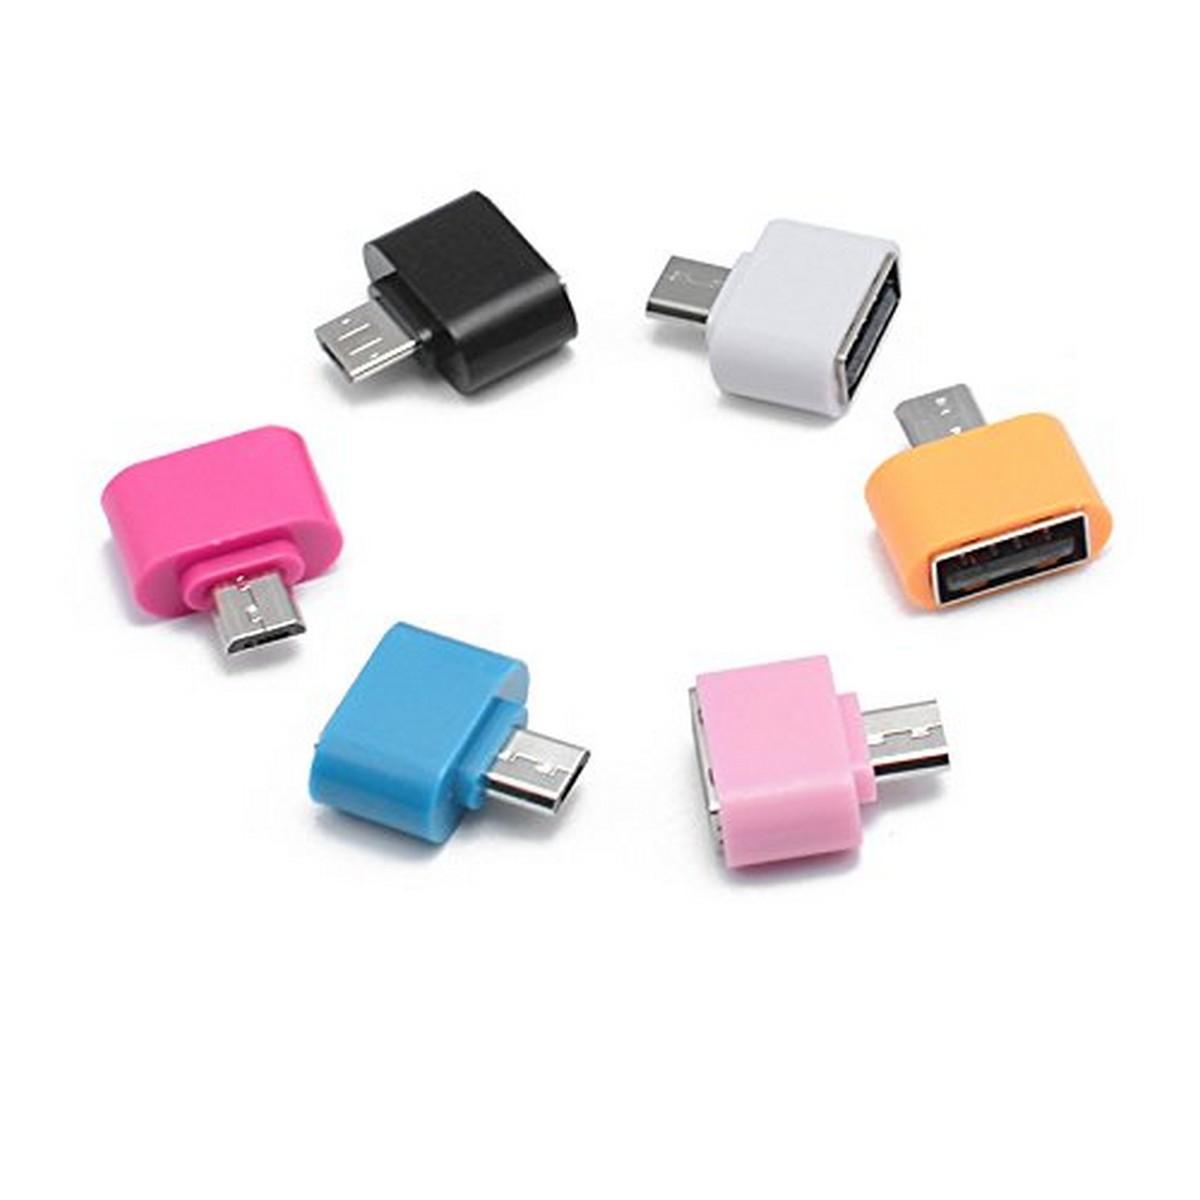 OTG USB TO MICRO USB - Micro USB OTG Adapter